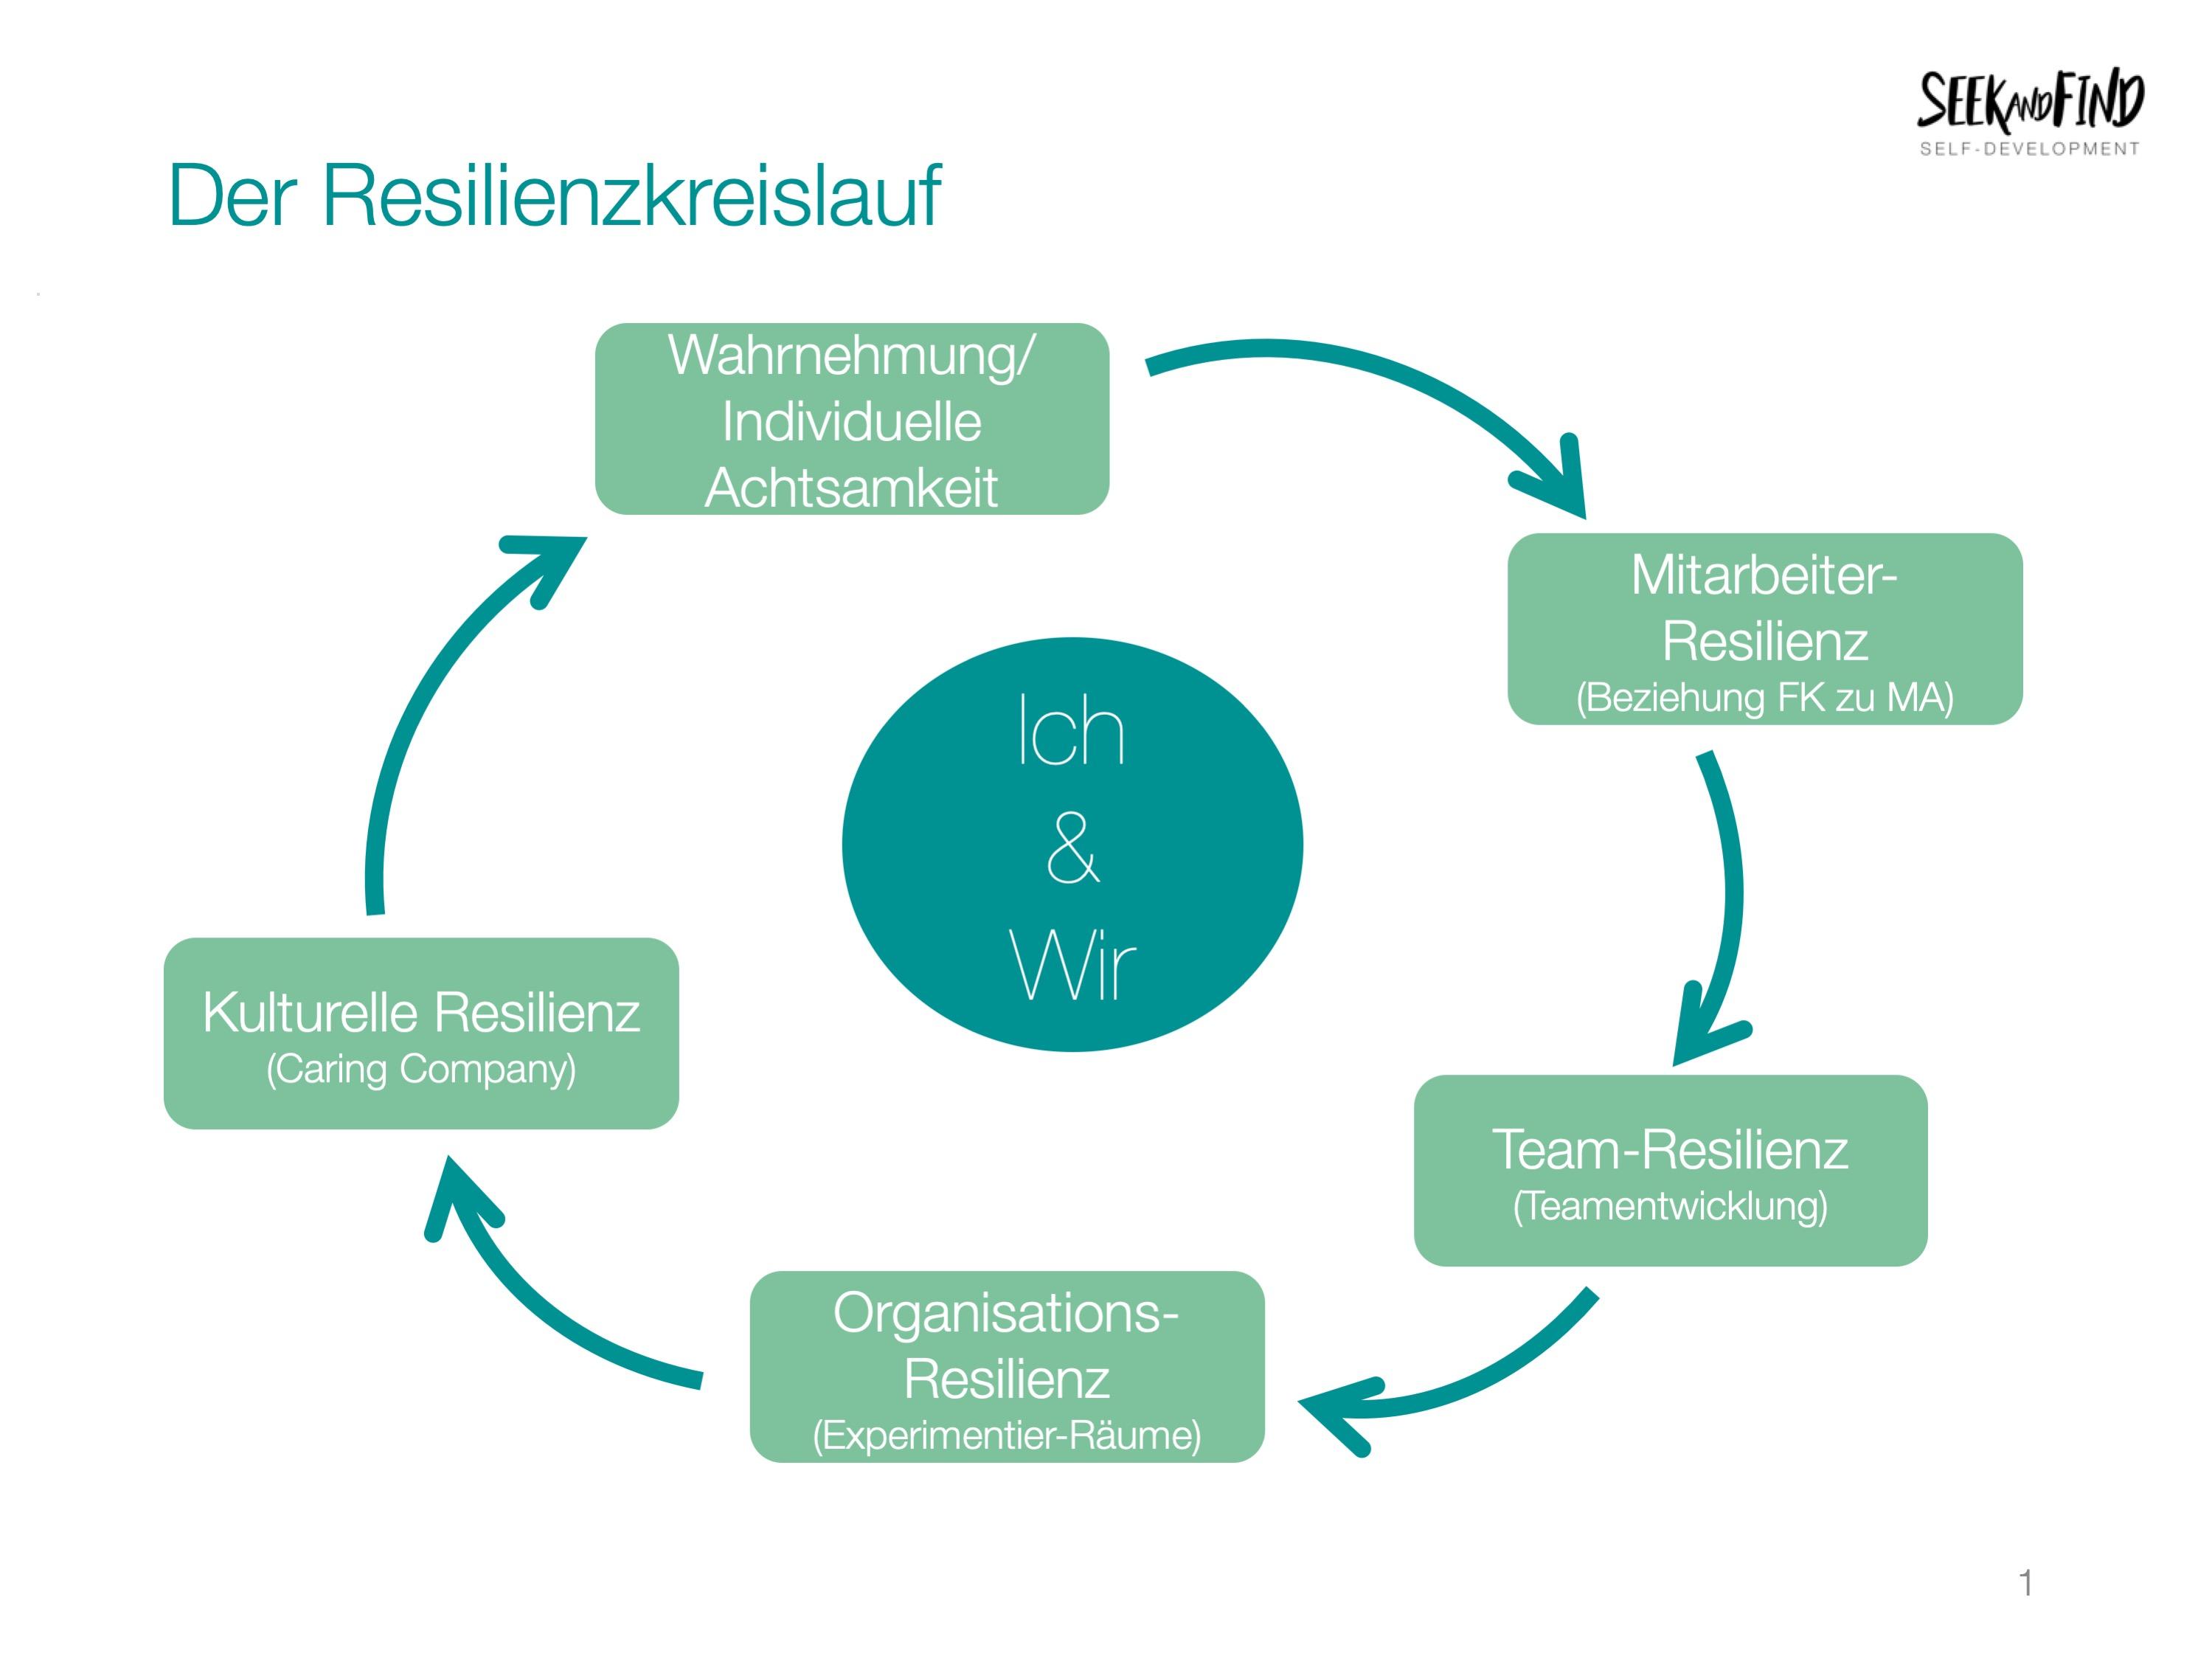 Resilienzkreislauf